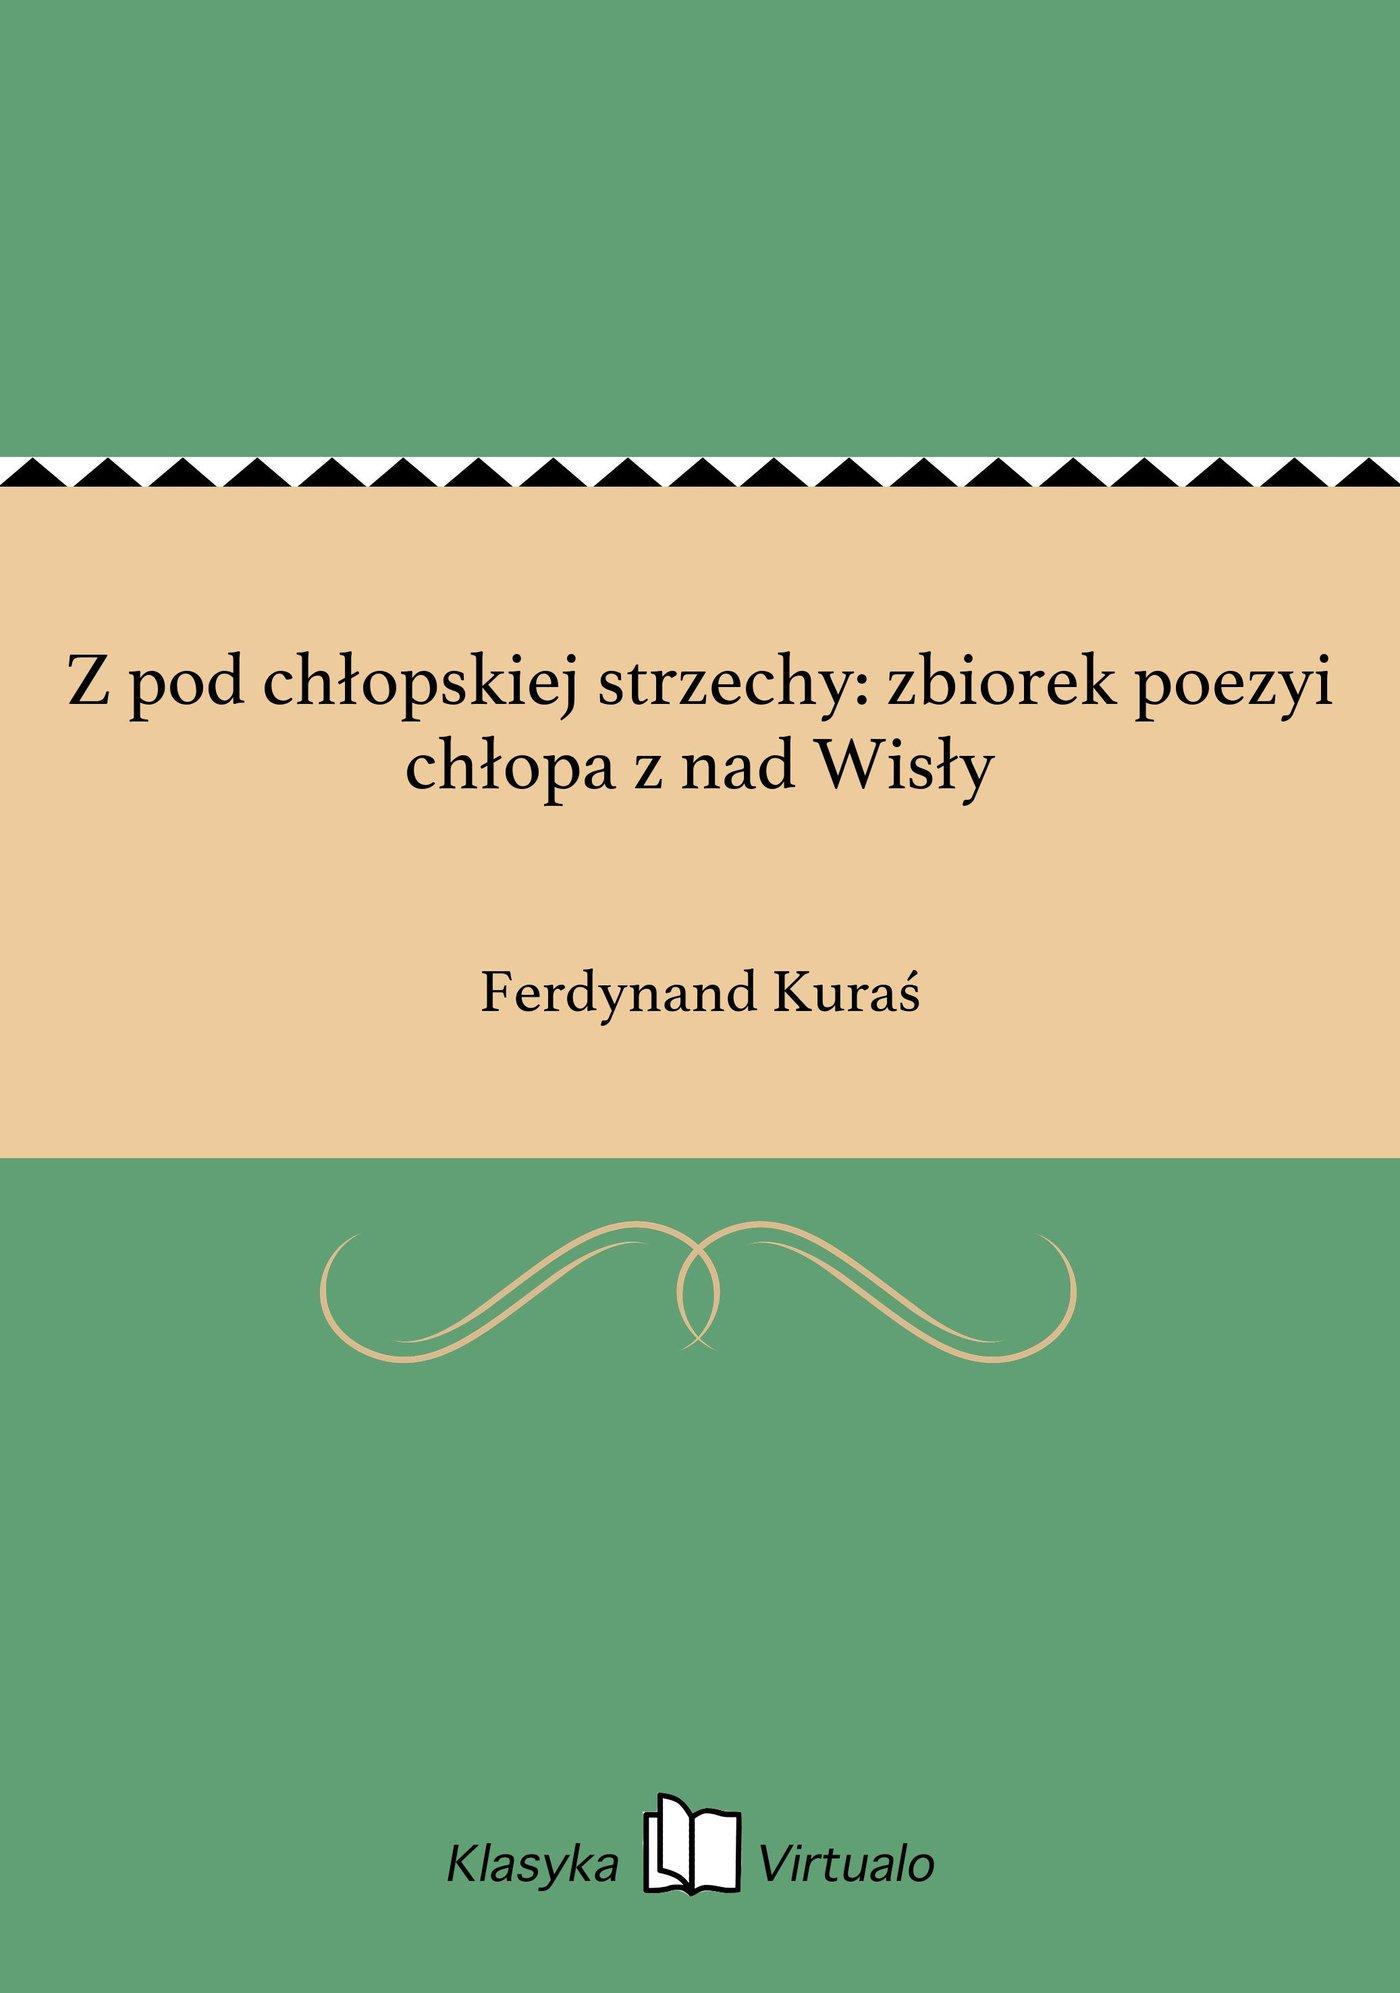 Z pod chłopskiej strzechy: zbiorek poezyi chłopa z nad Wisły - Ebook (Książka na Kindle) do pobrania w formacie MOBI